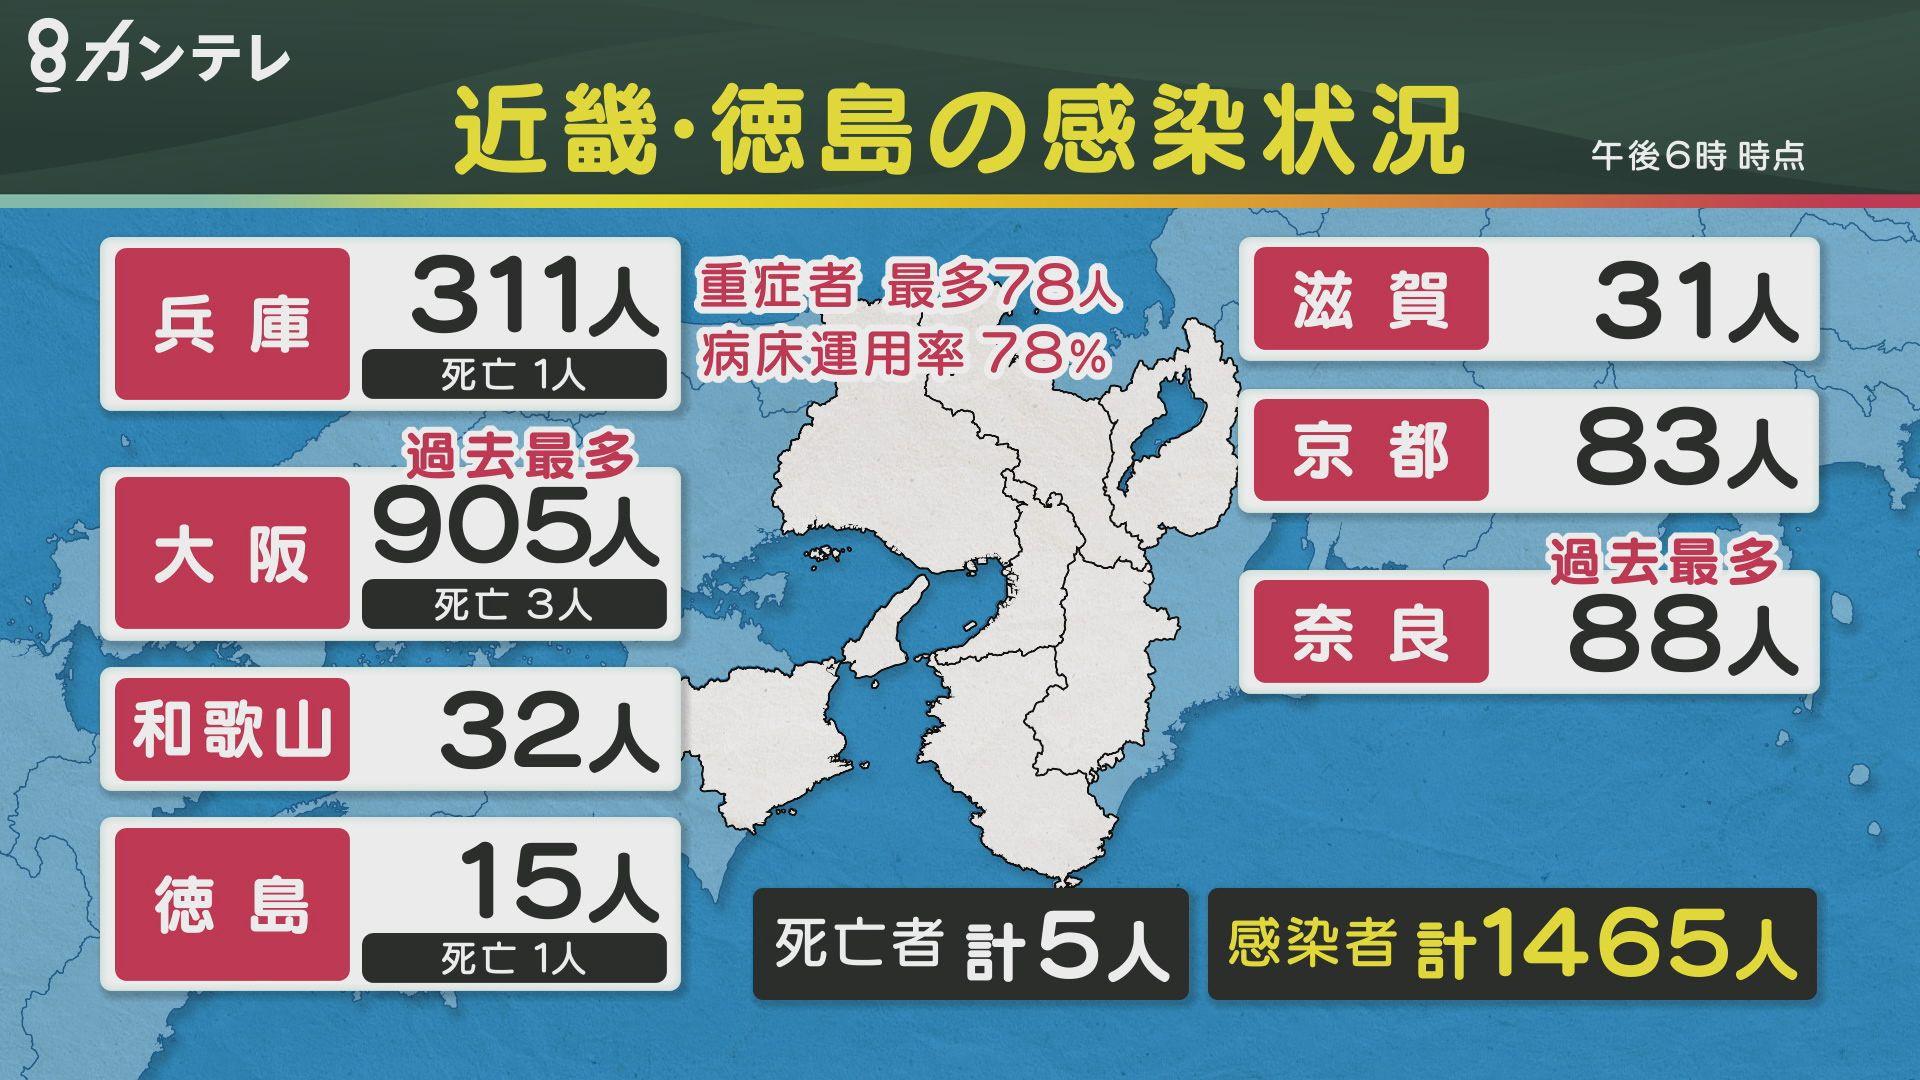 新型 コロナ 奈良 県